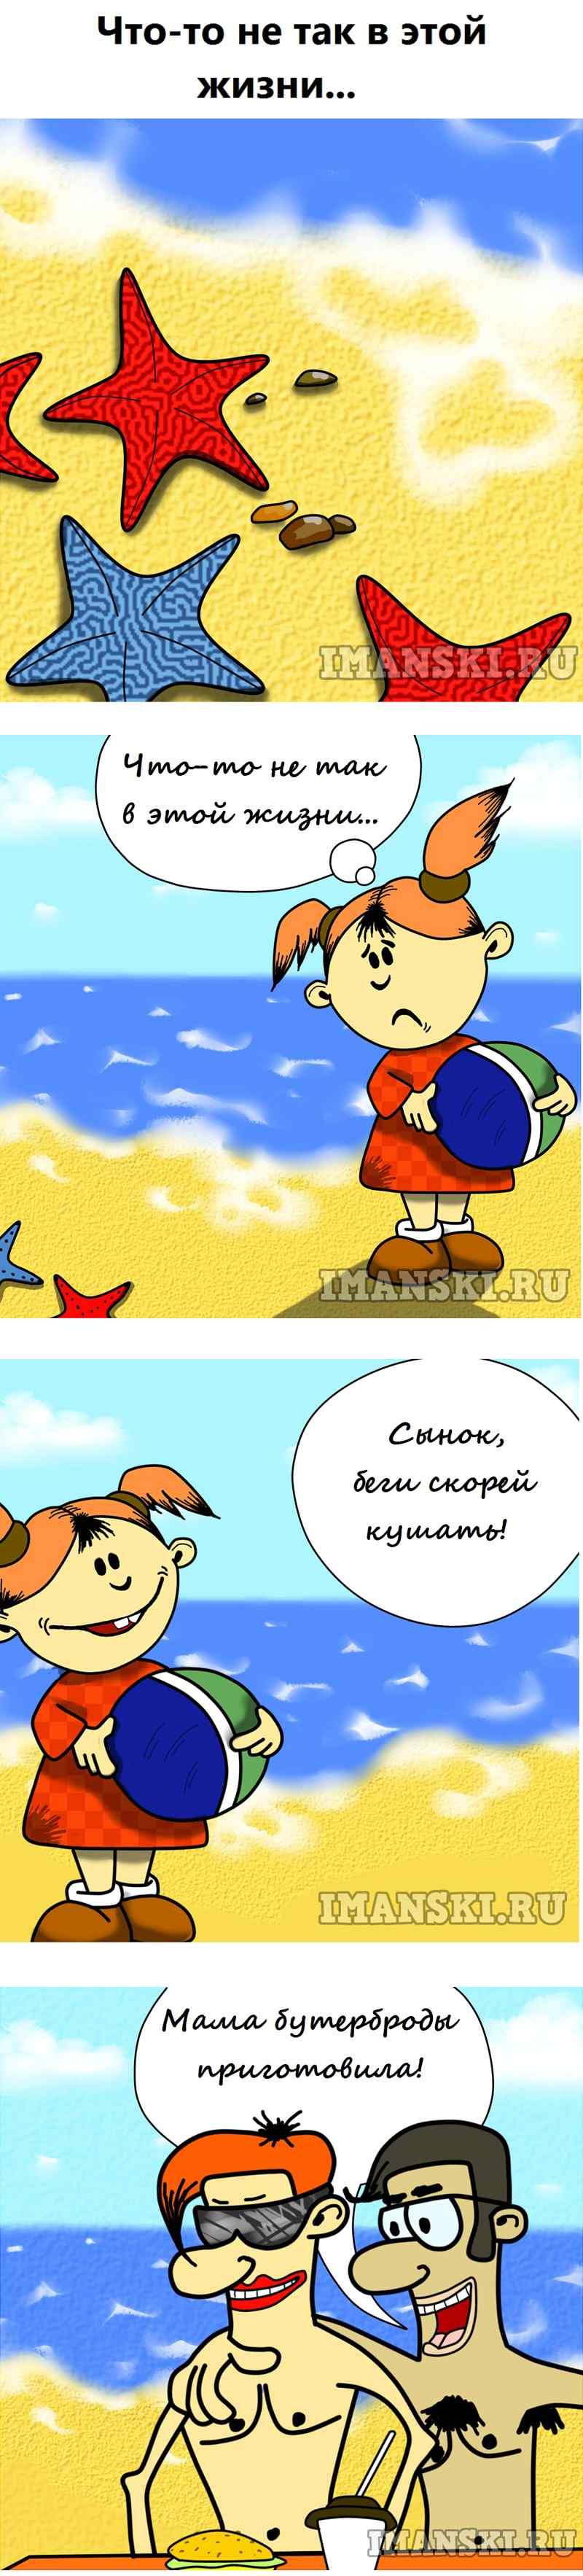 Комикс. Что-то не так в этой жизни...Автор Игорь Иманский.